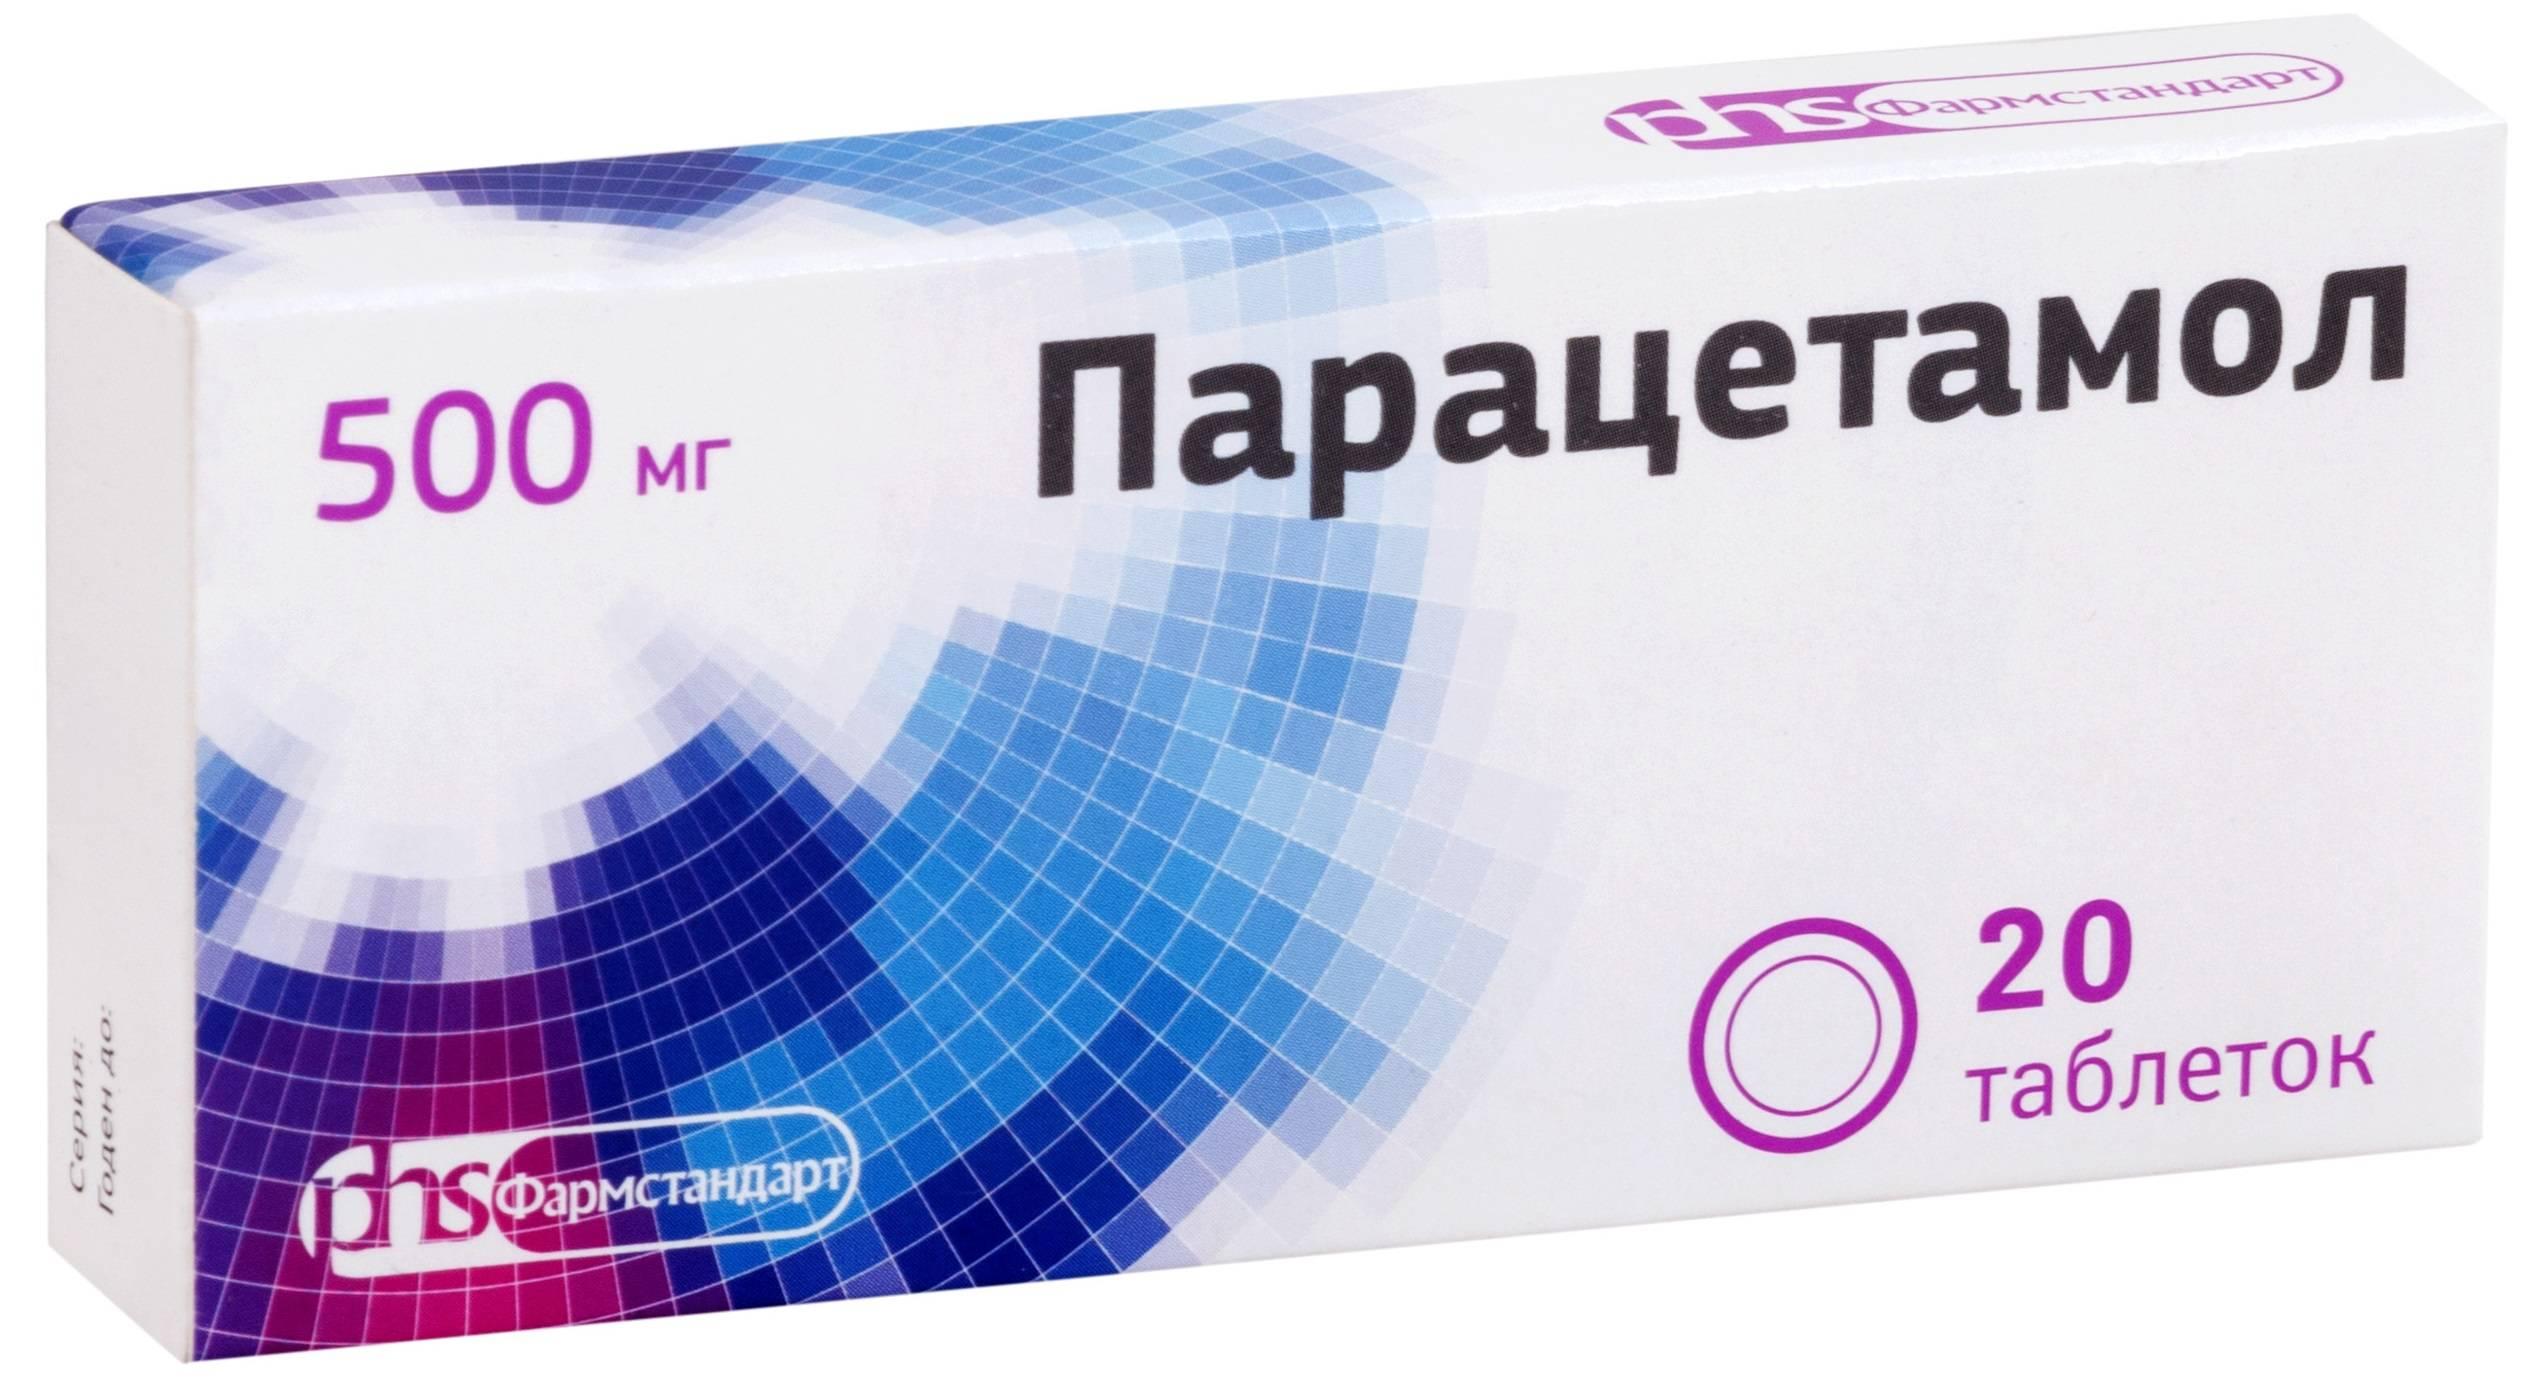 Парацетамол — от чего помогает и инструкция по применению. как принимать парацетамол детям и взрослым | информационный портал о здоровье